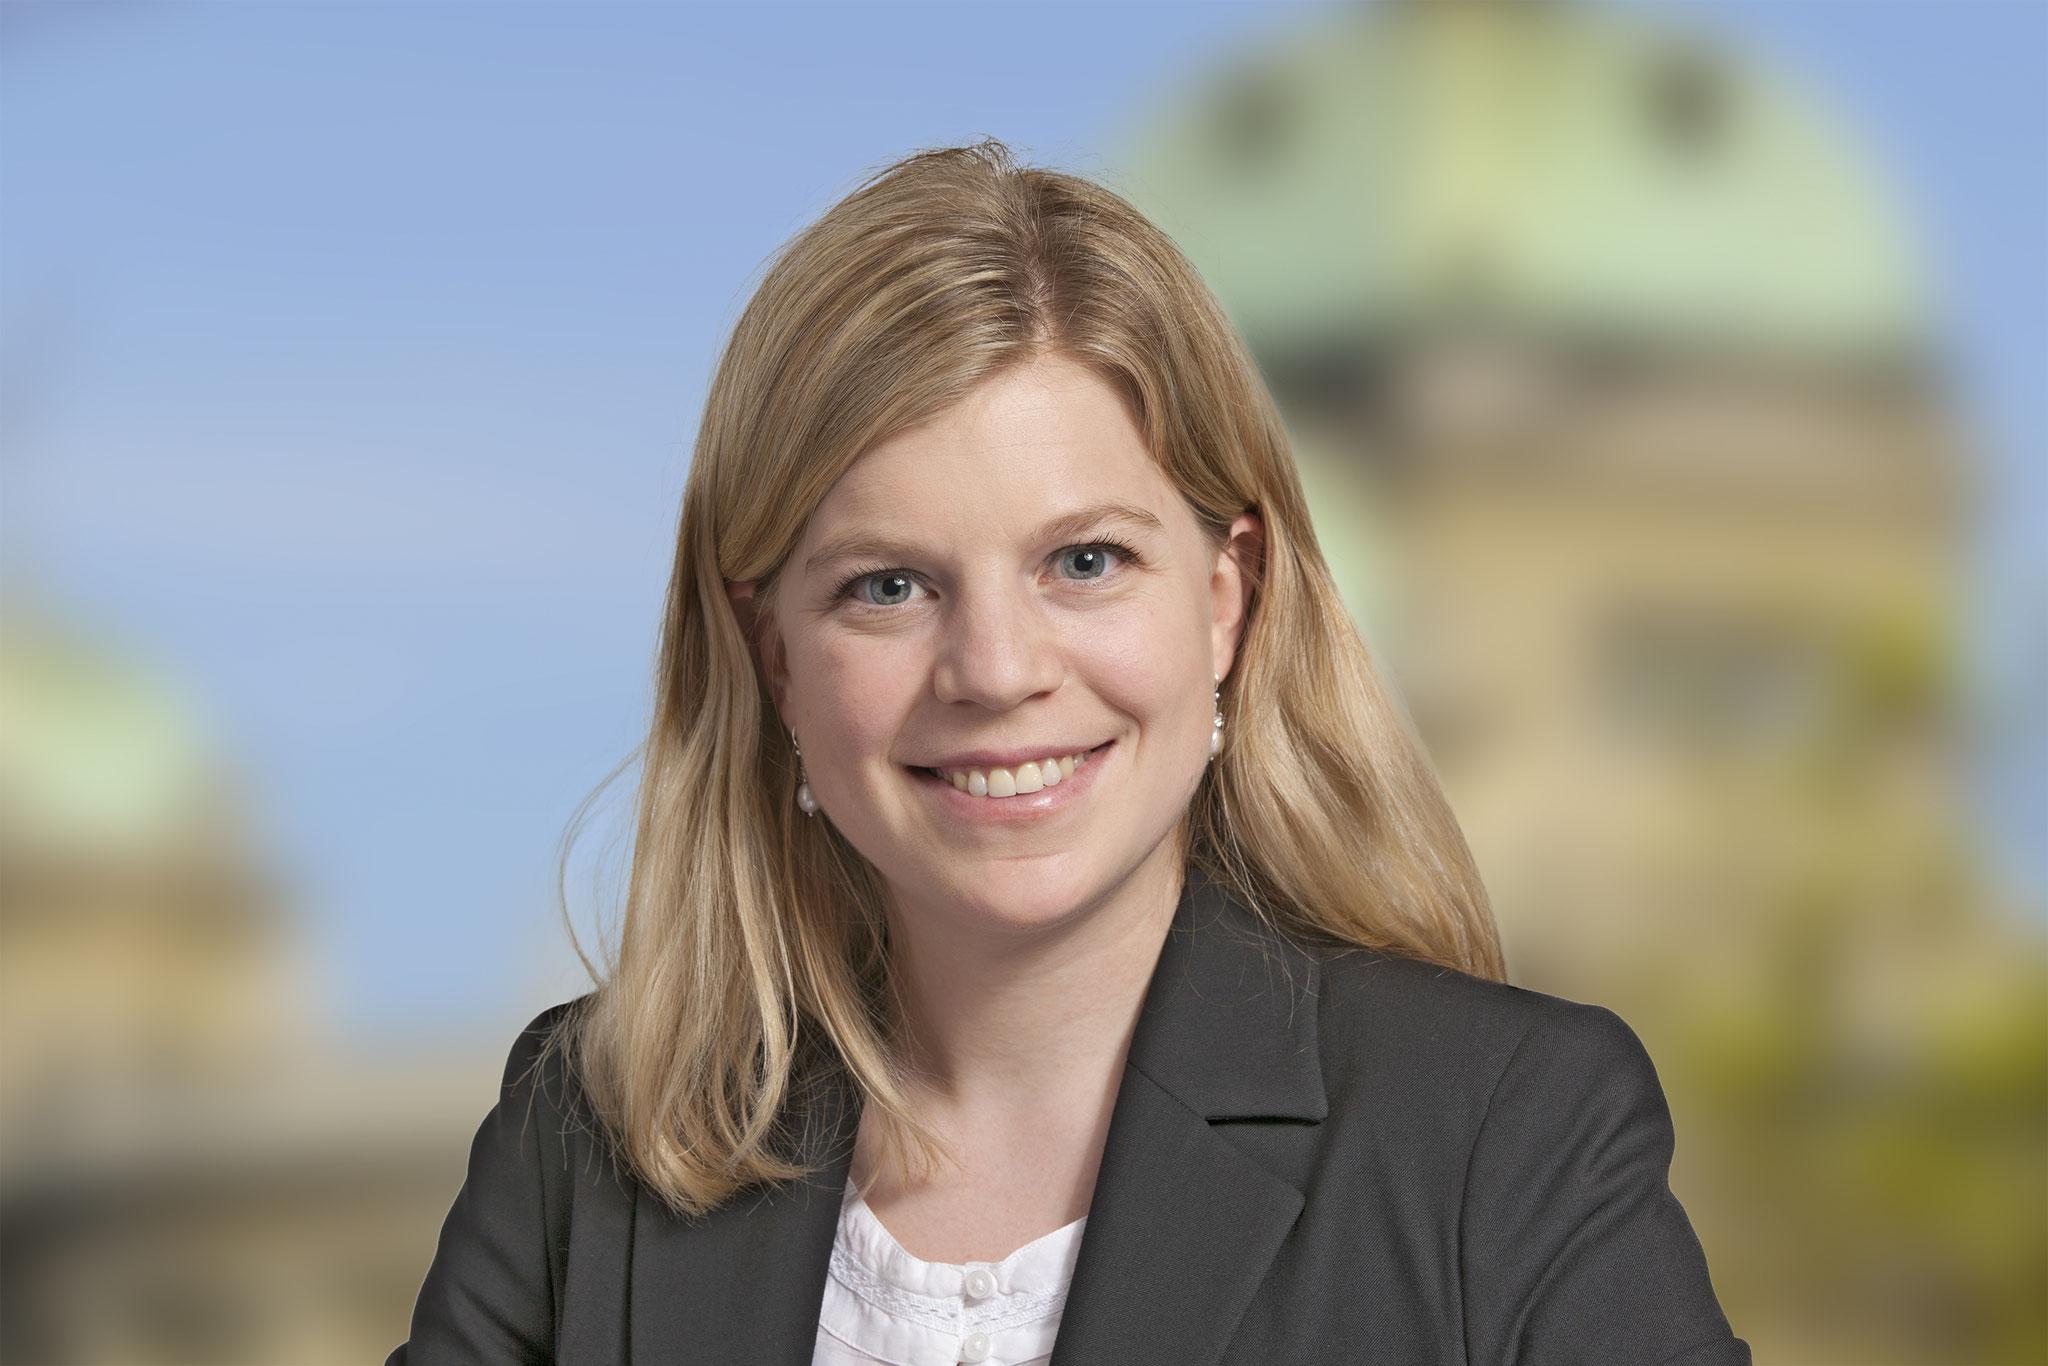 Nadine Masshardt, Conseillère nationale PS: les mots ne suffisent plus, il faut des actes courageux : qui participe à la fondation d'une deuxième Mädchenhaus en Suisse jouit  de tout mon soutien